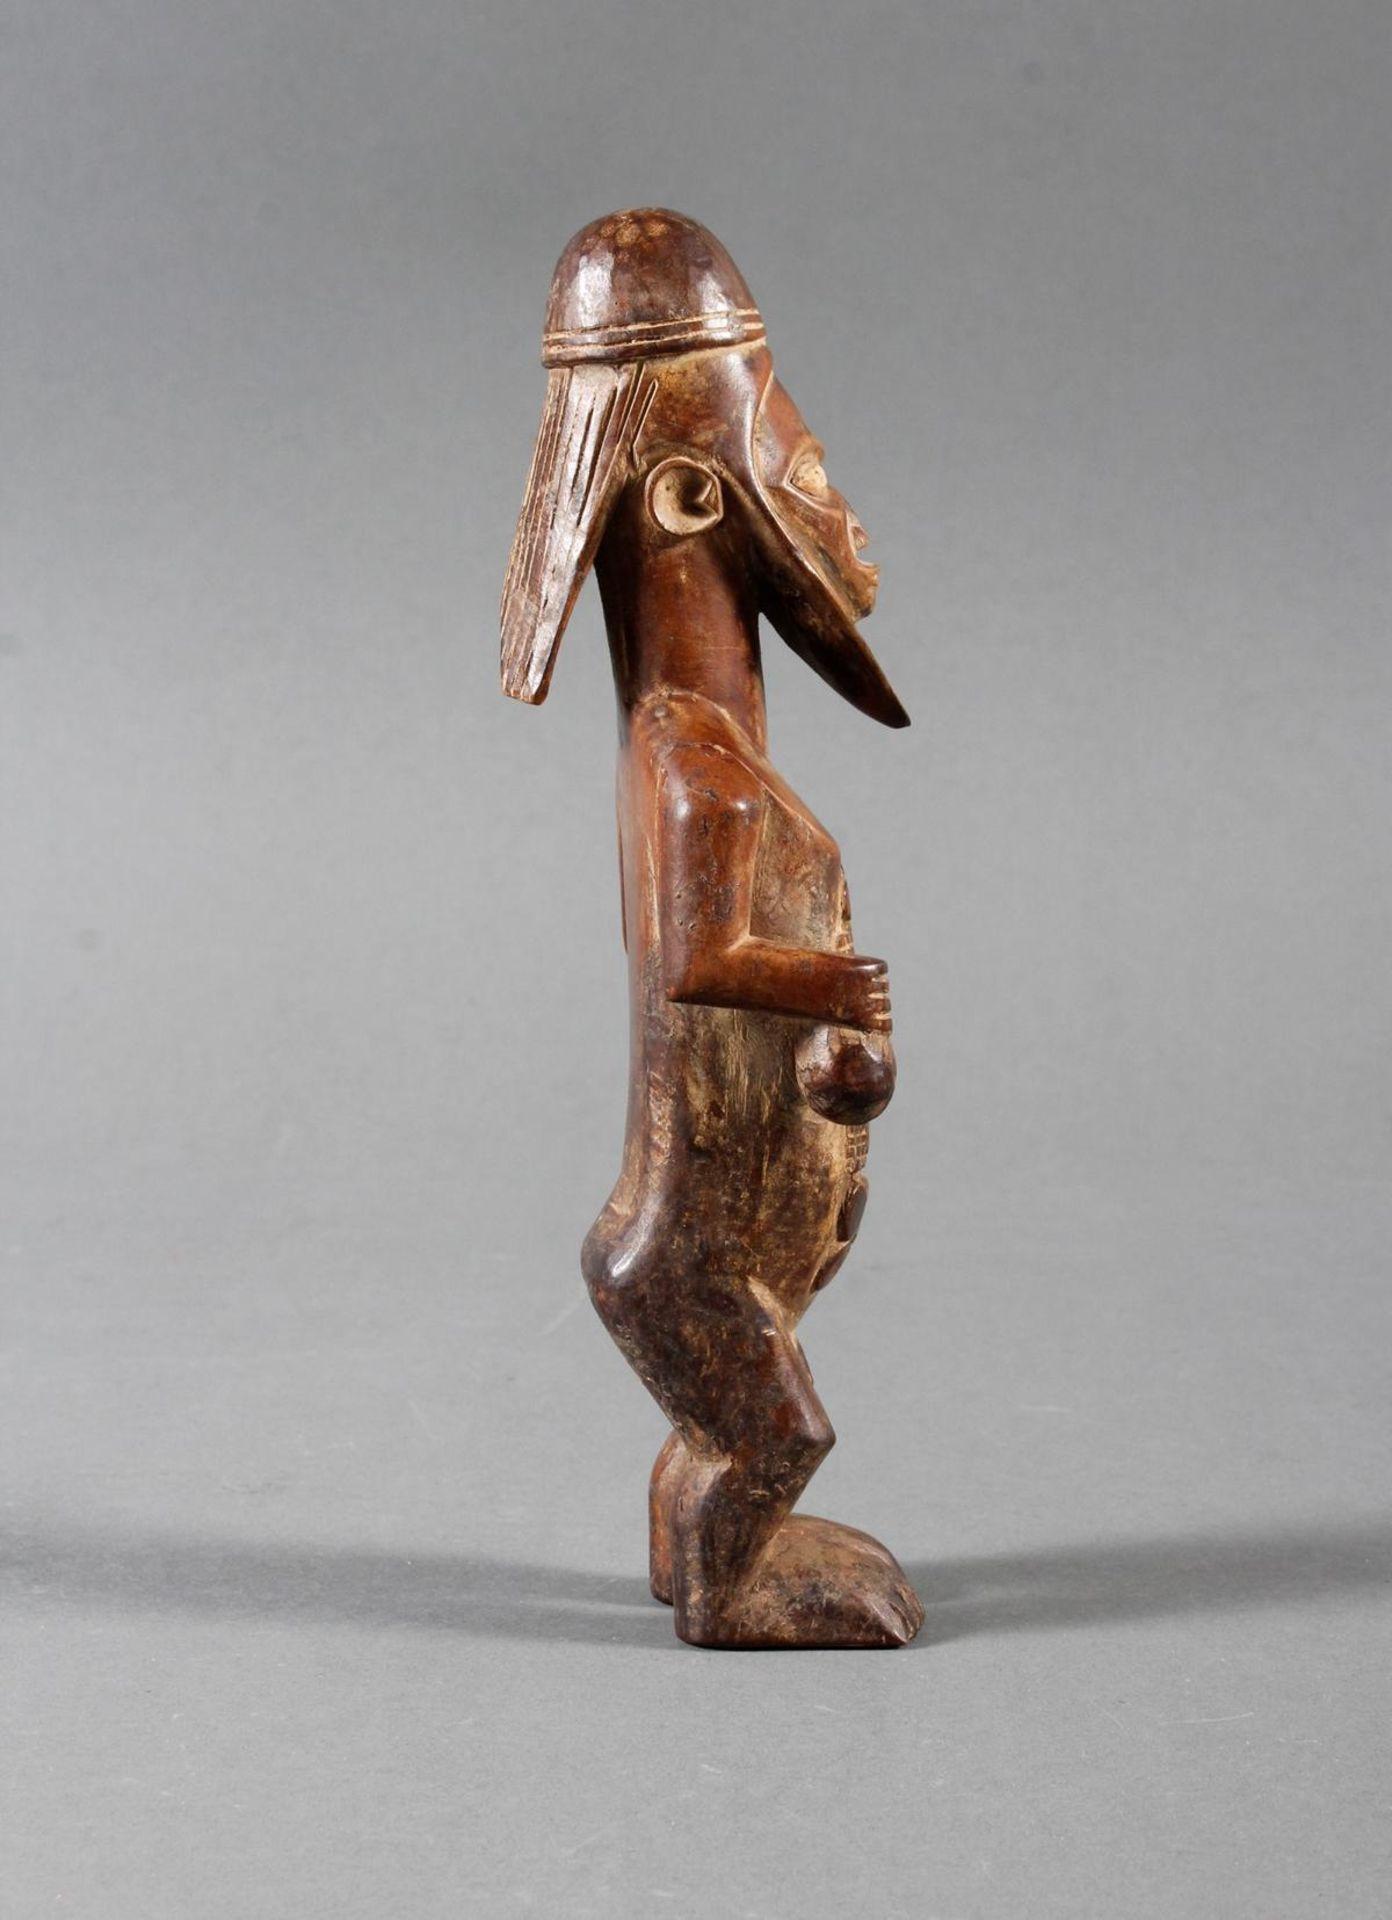 Krypto-Fetischfigur, Bembe / Kongo - Bild 3 aus 7